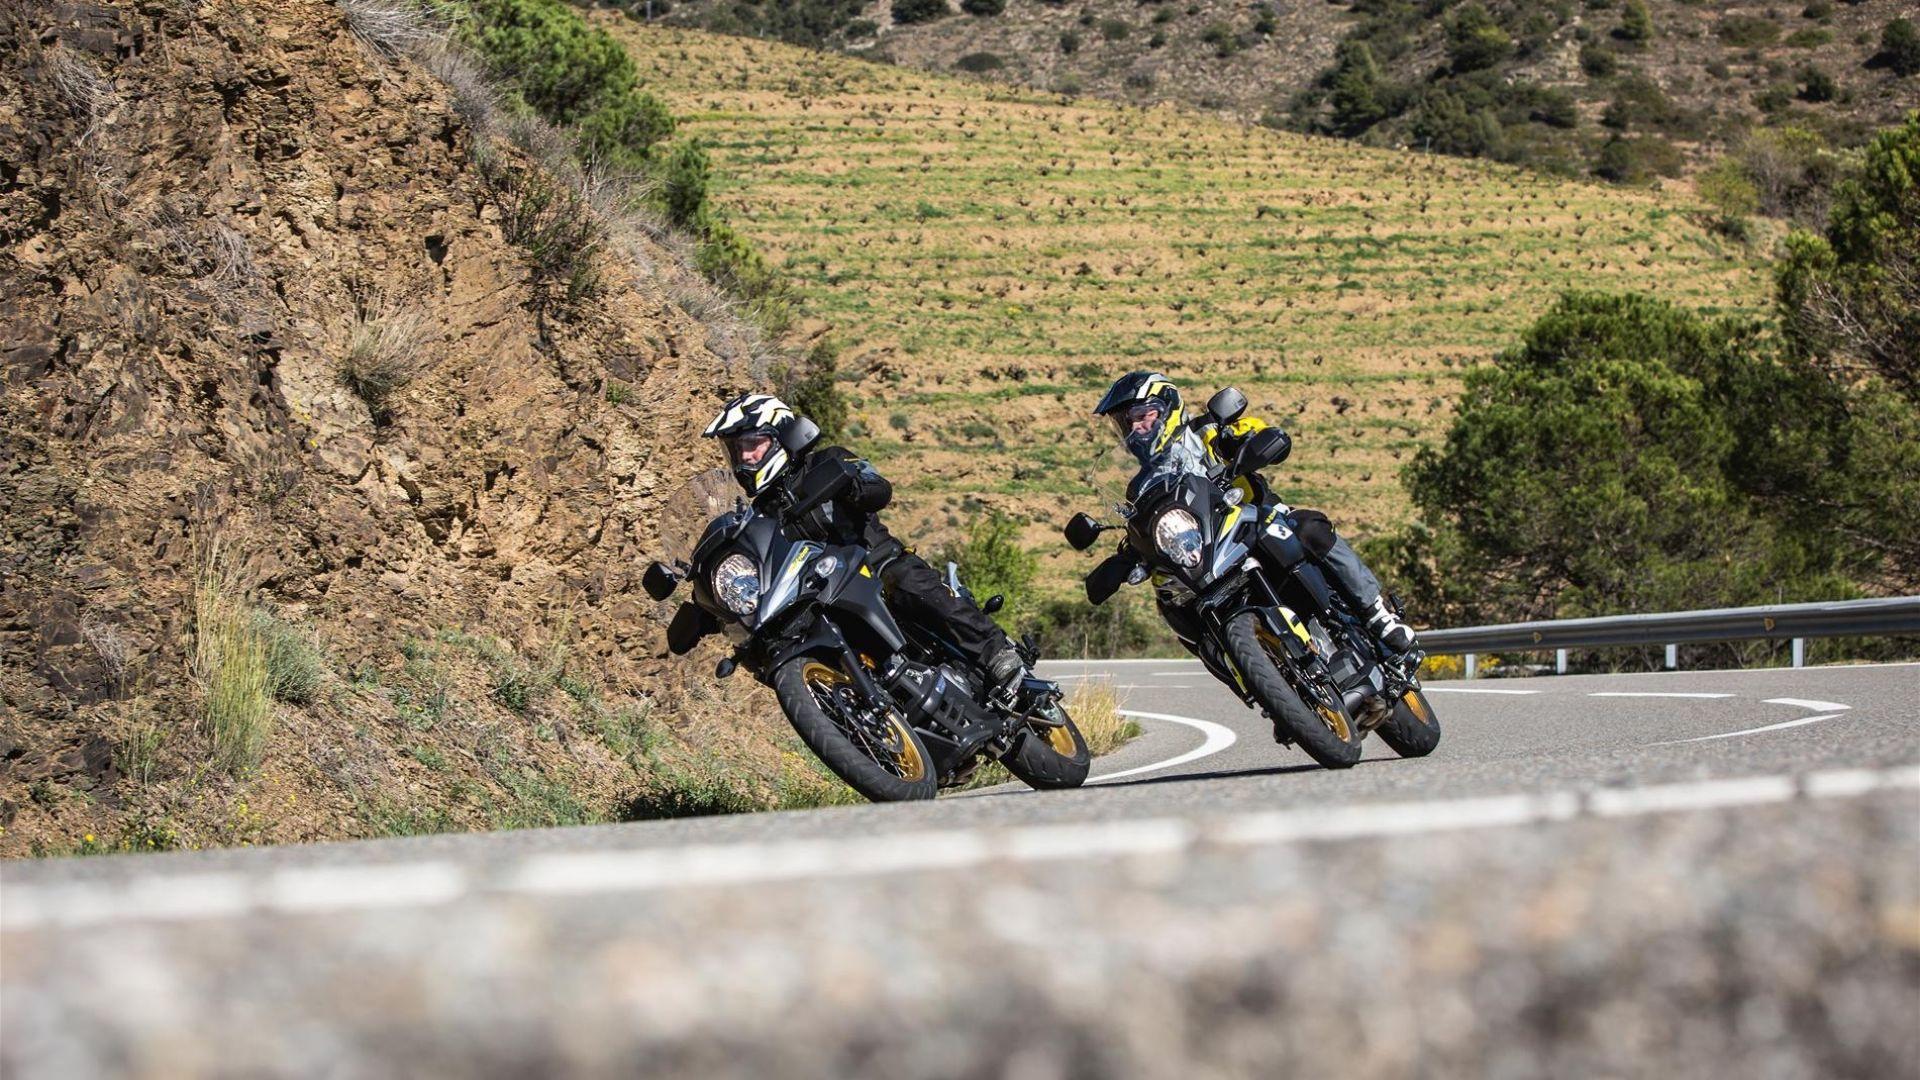 Tuono Scarichi Per Moto 1000 Aprilia - Brick7 Moto